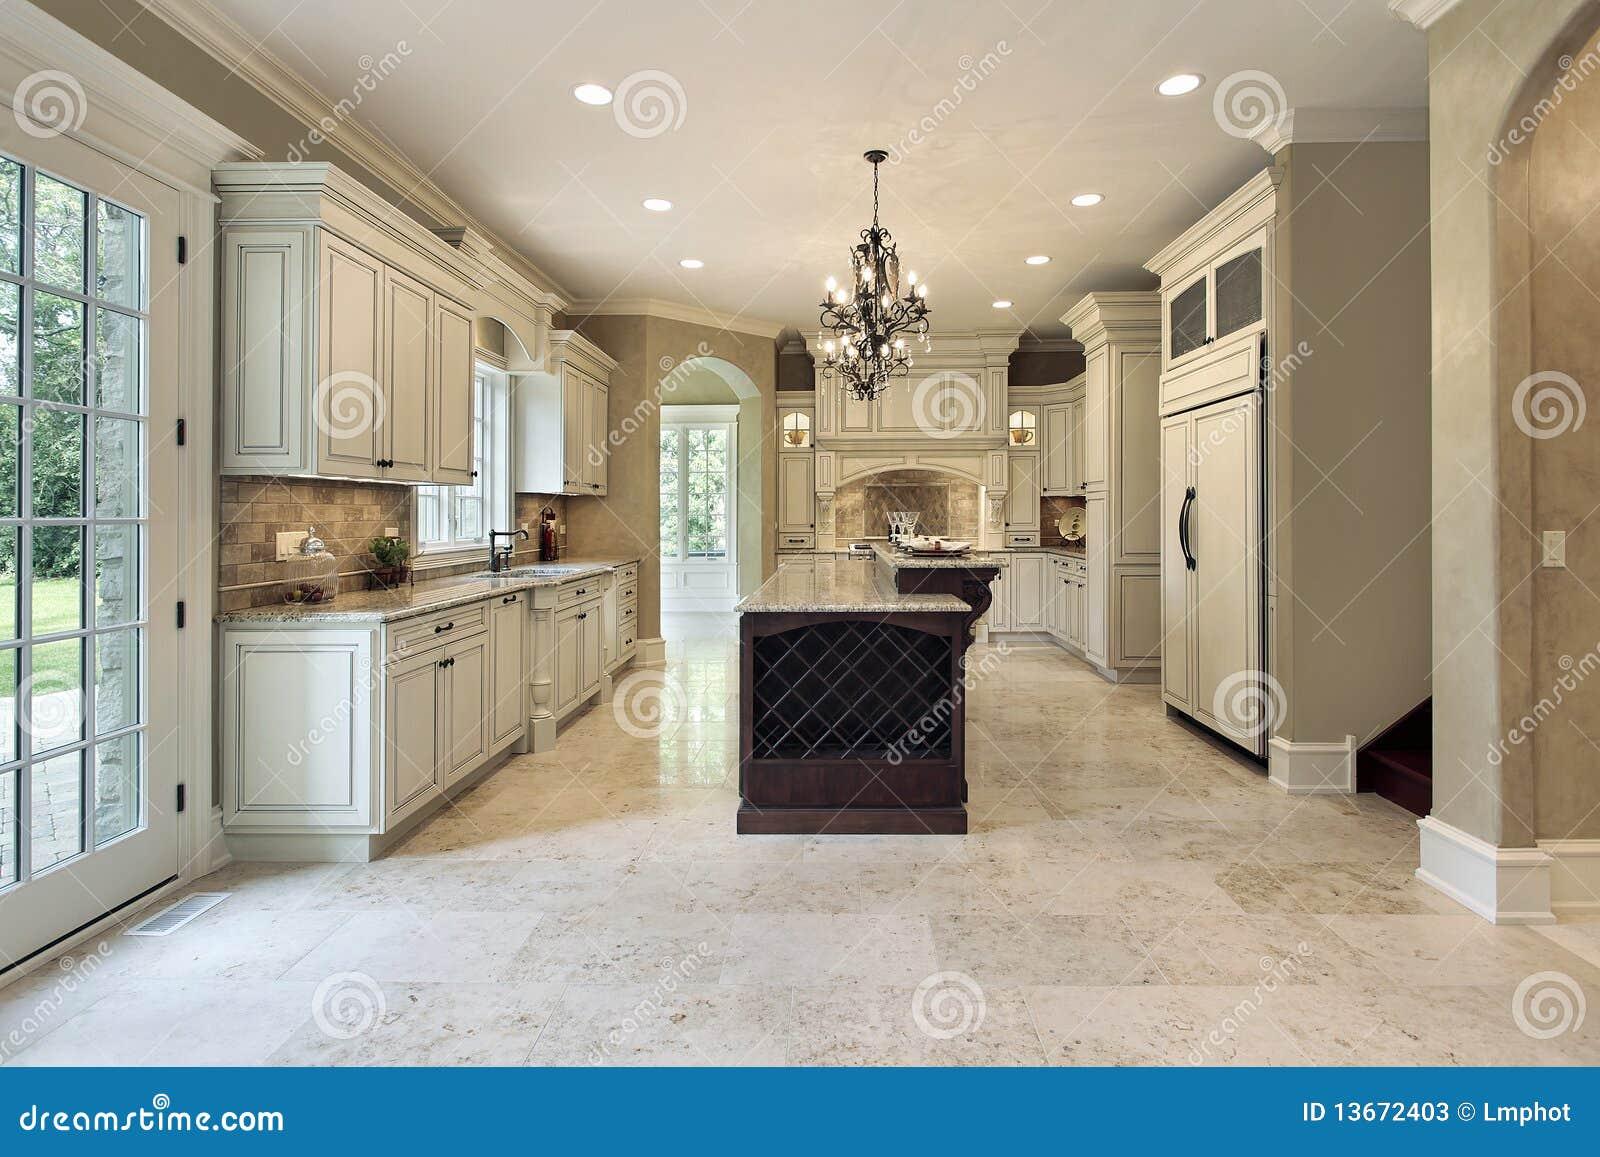 passatoie cucina disegno geometrici : Disegno Parete Cucina : Disegno cucina con isola la doppia della